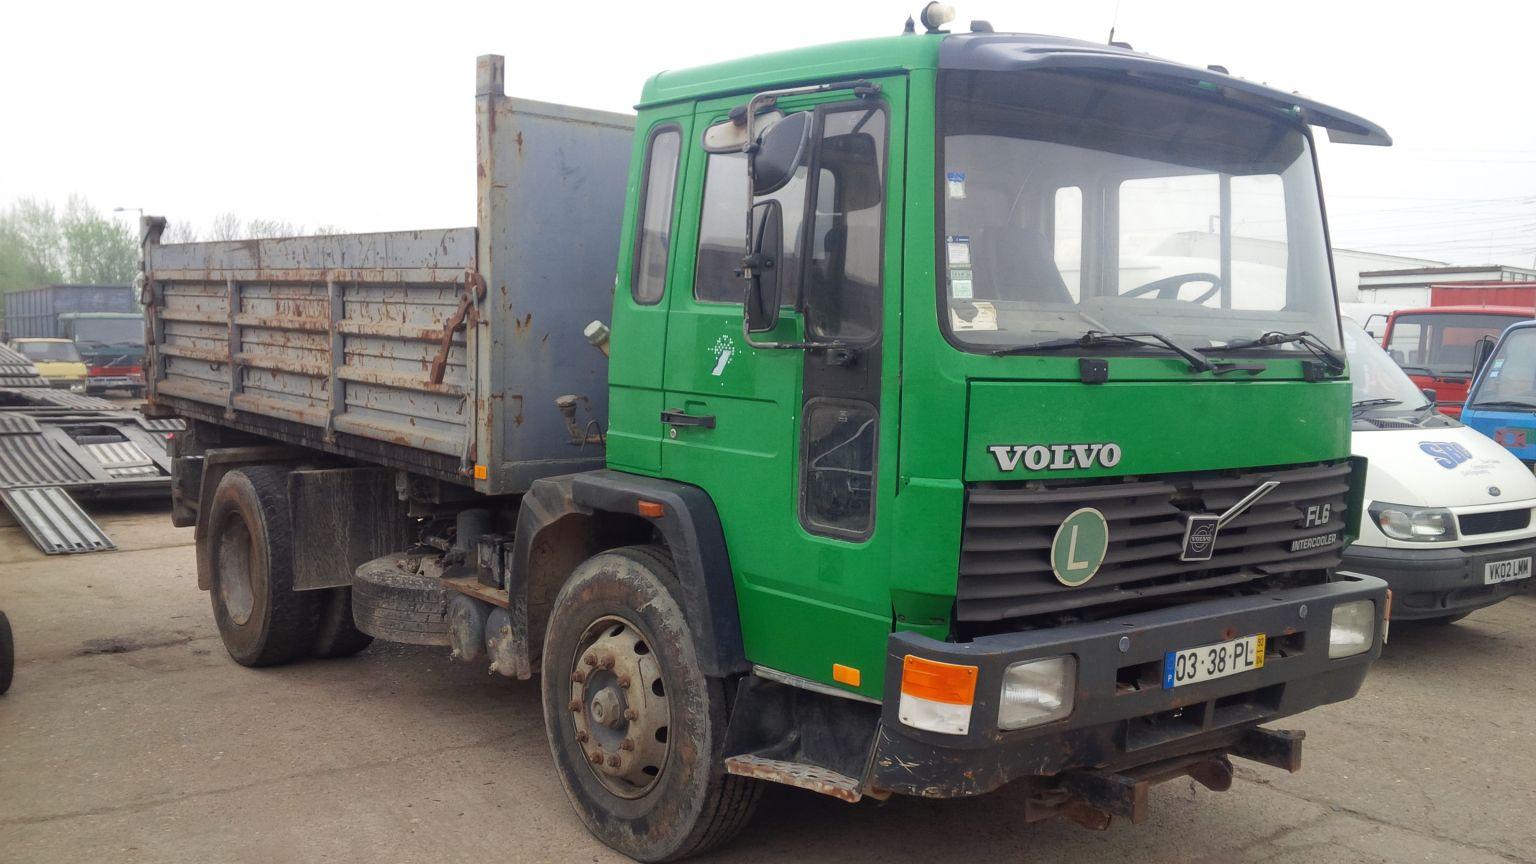 LHD Volvo FL6 18 tipper